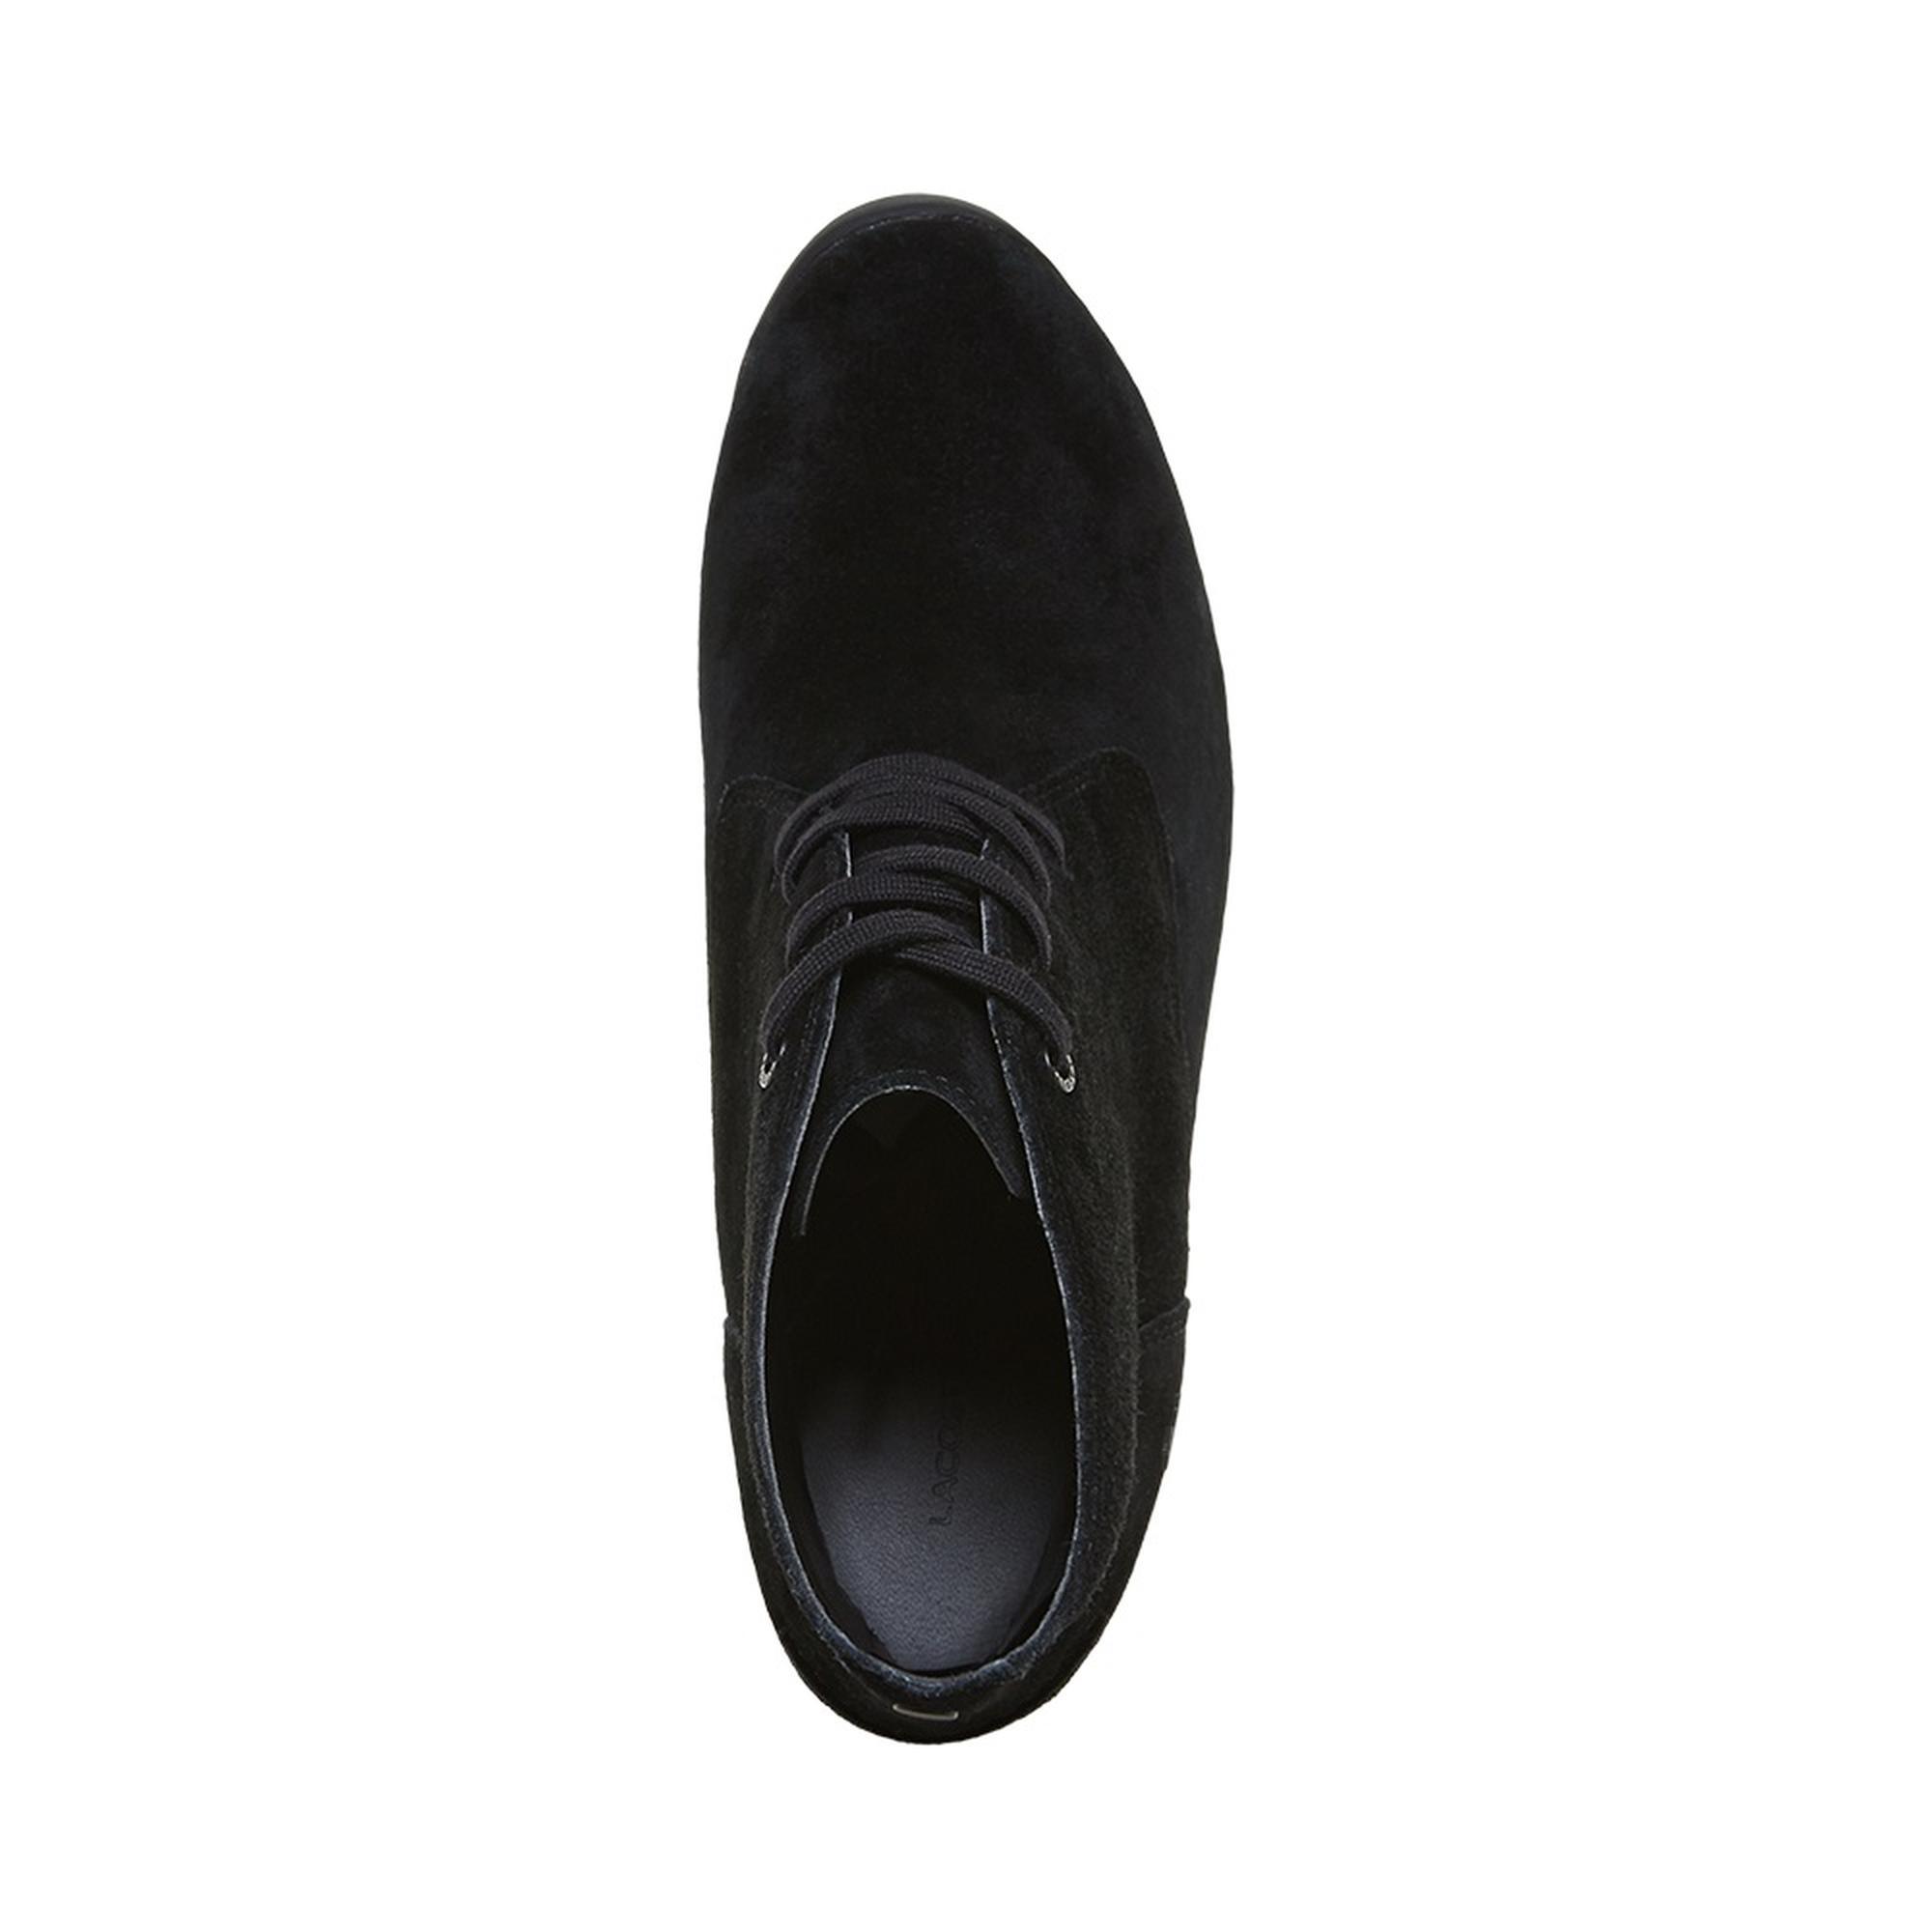 Lacoste черевики жіночі Jarriselle